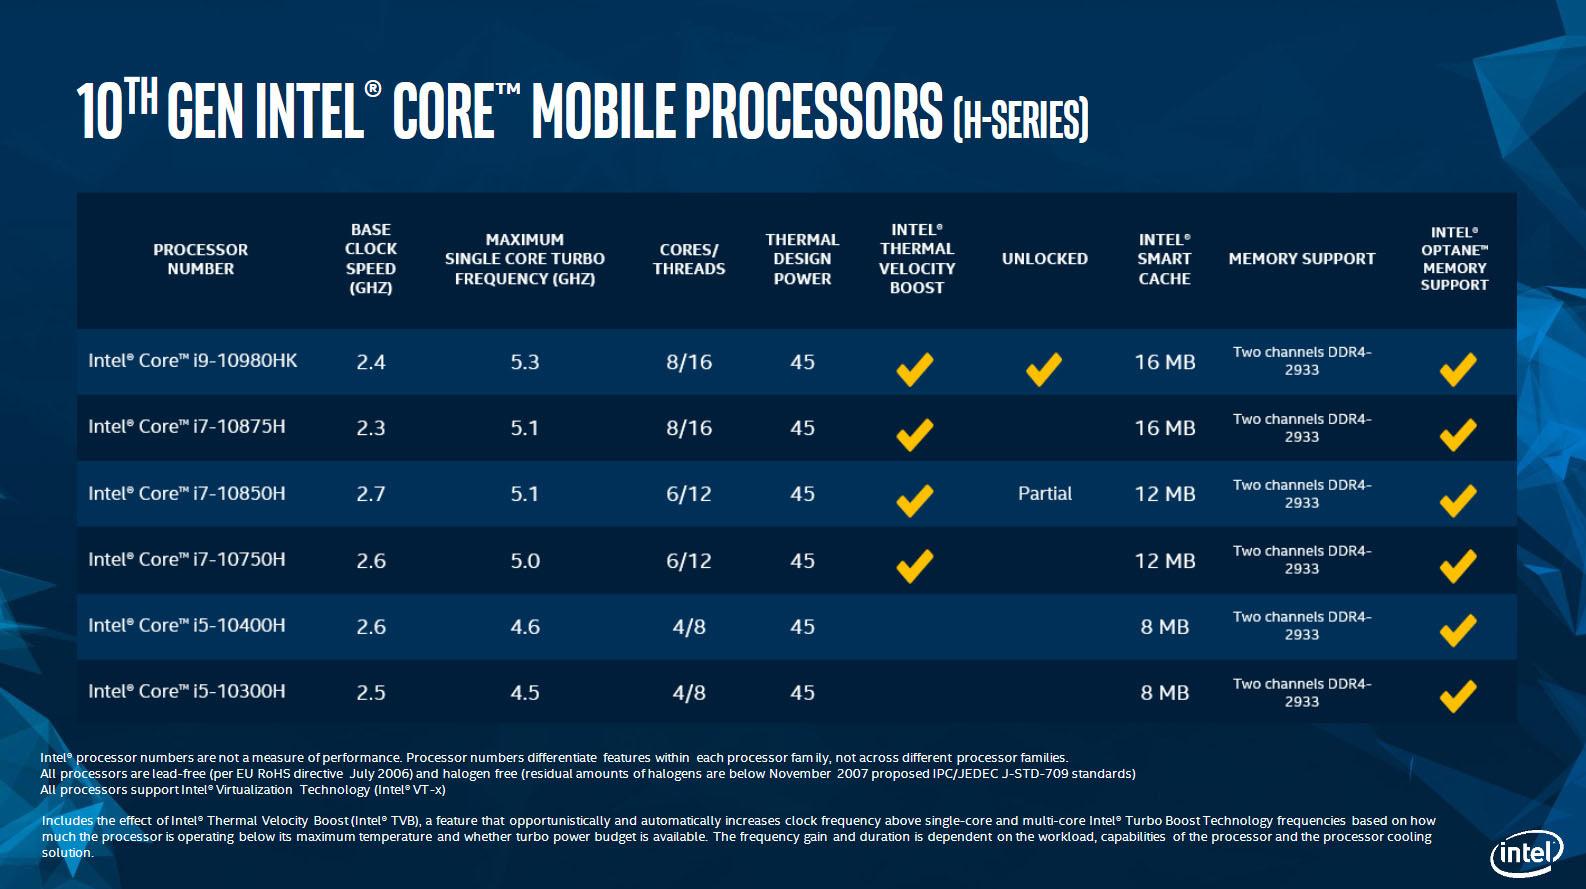 ., Intel